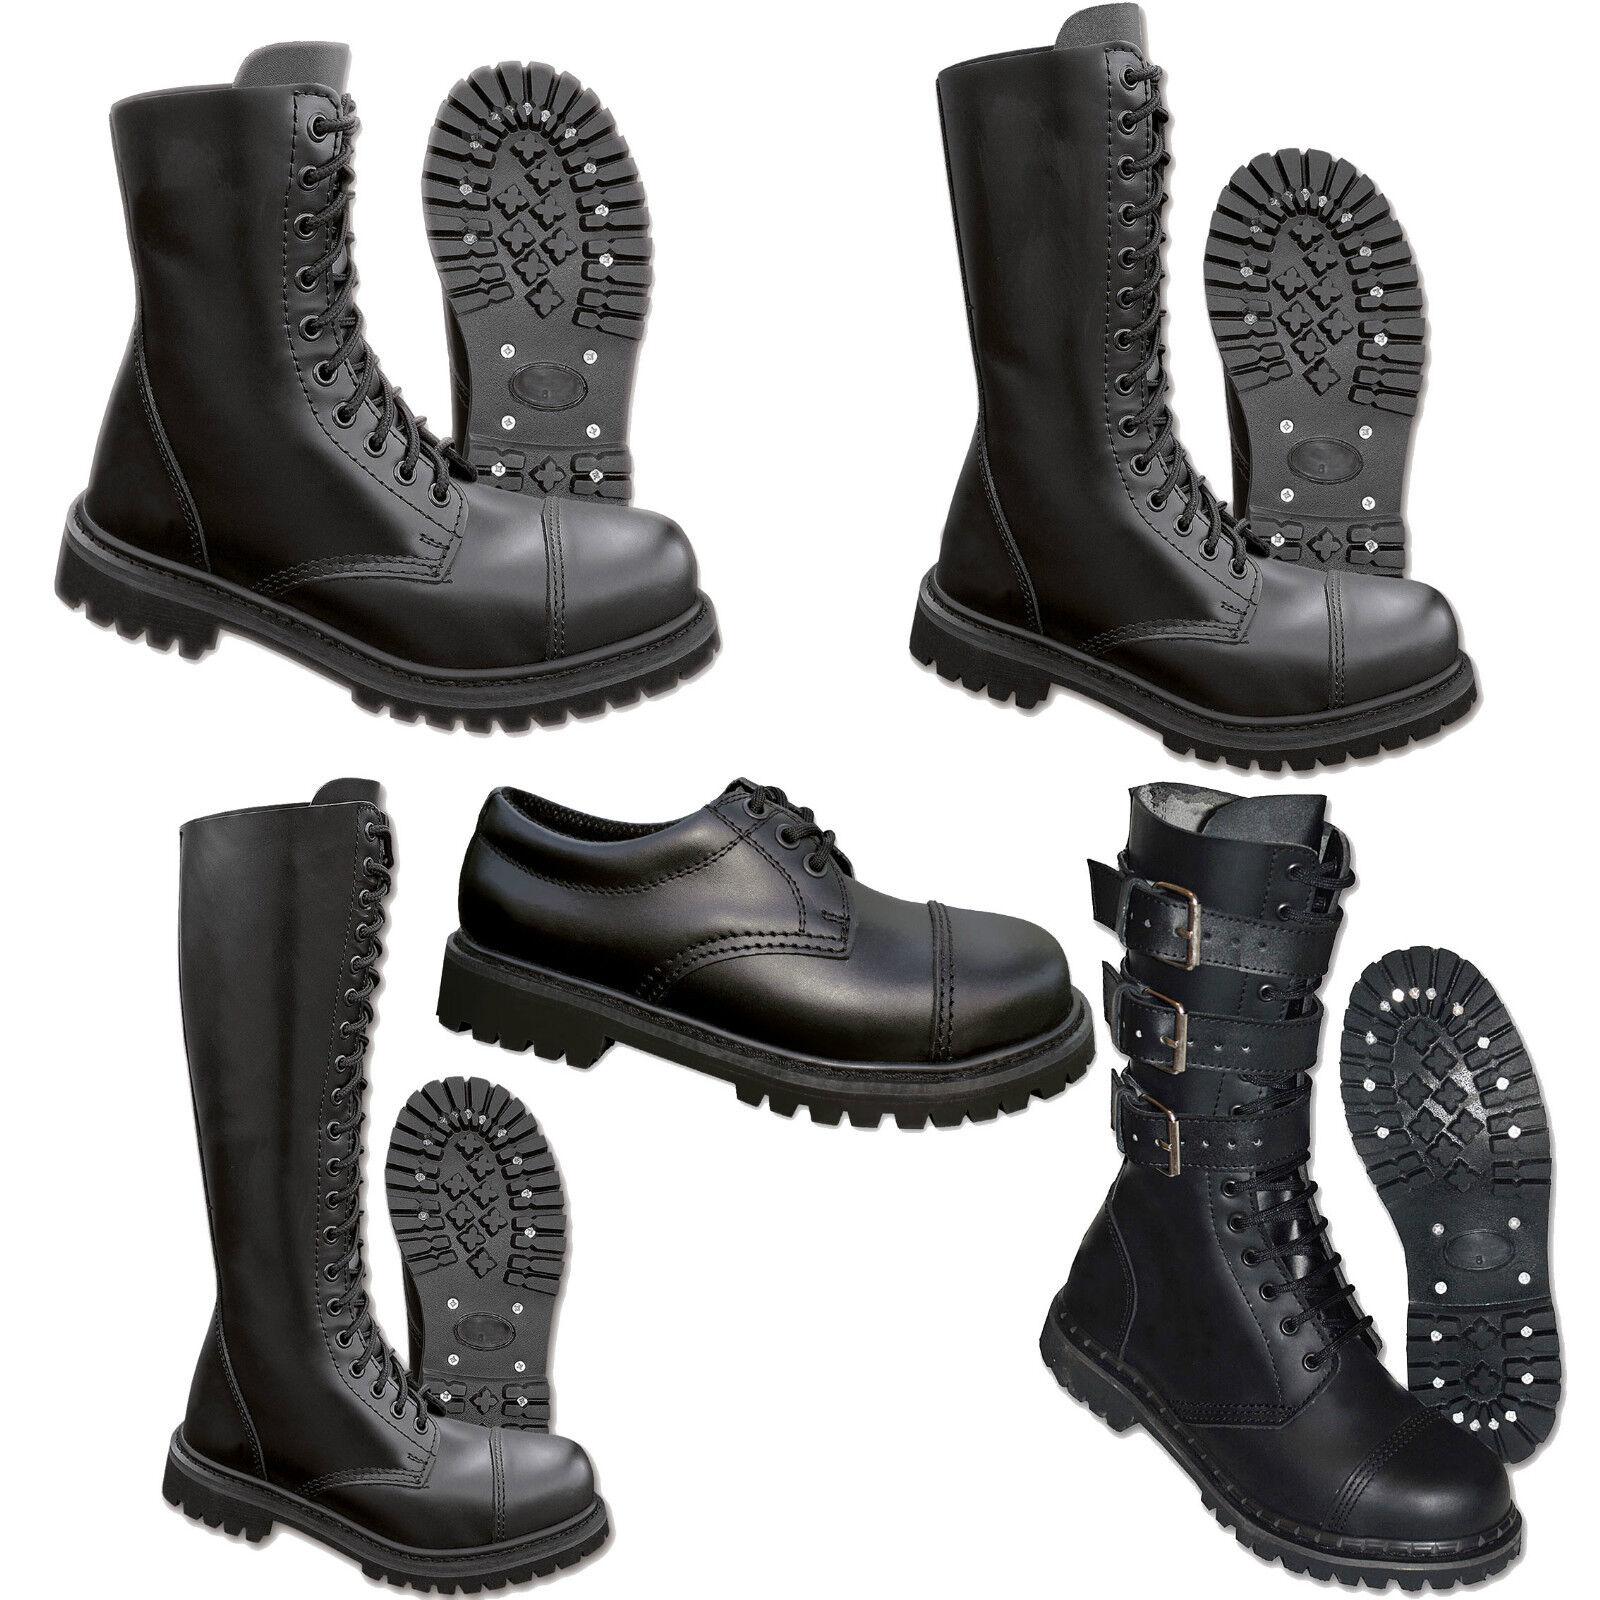 Zapatos casuales salvajes GB Ranger Fantasma Botas militares 38-47 cuero gothic Cubierta De Acero